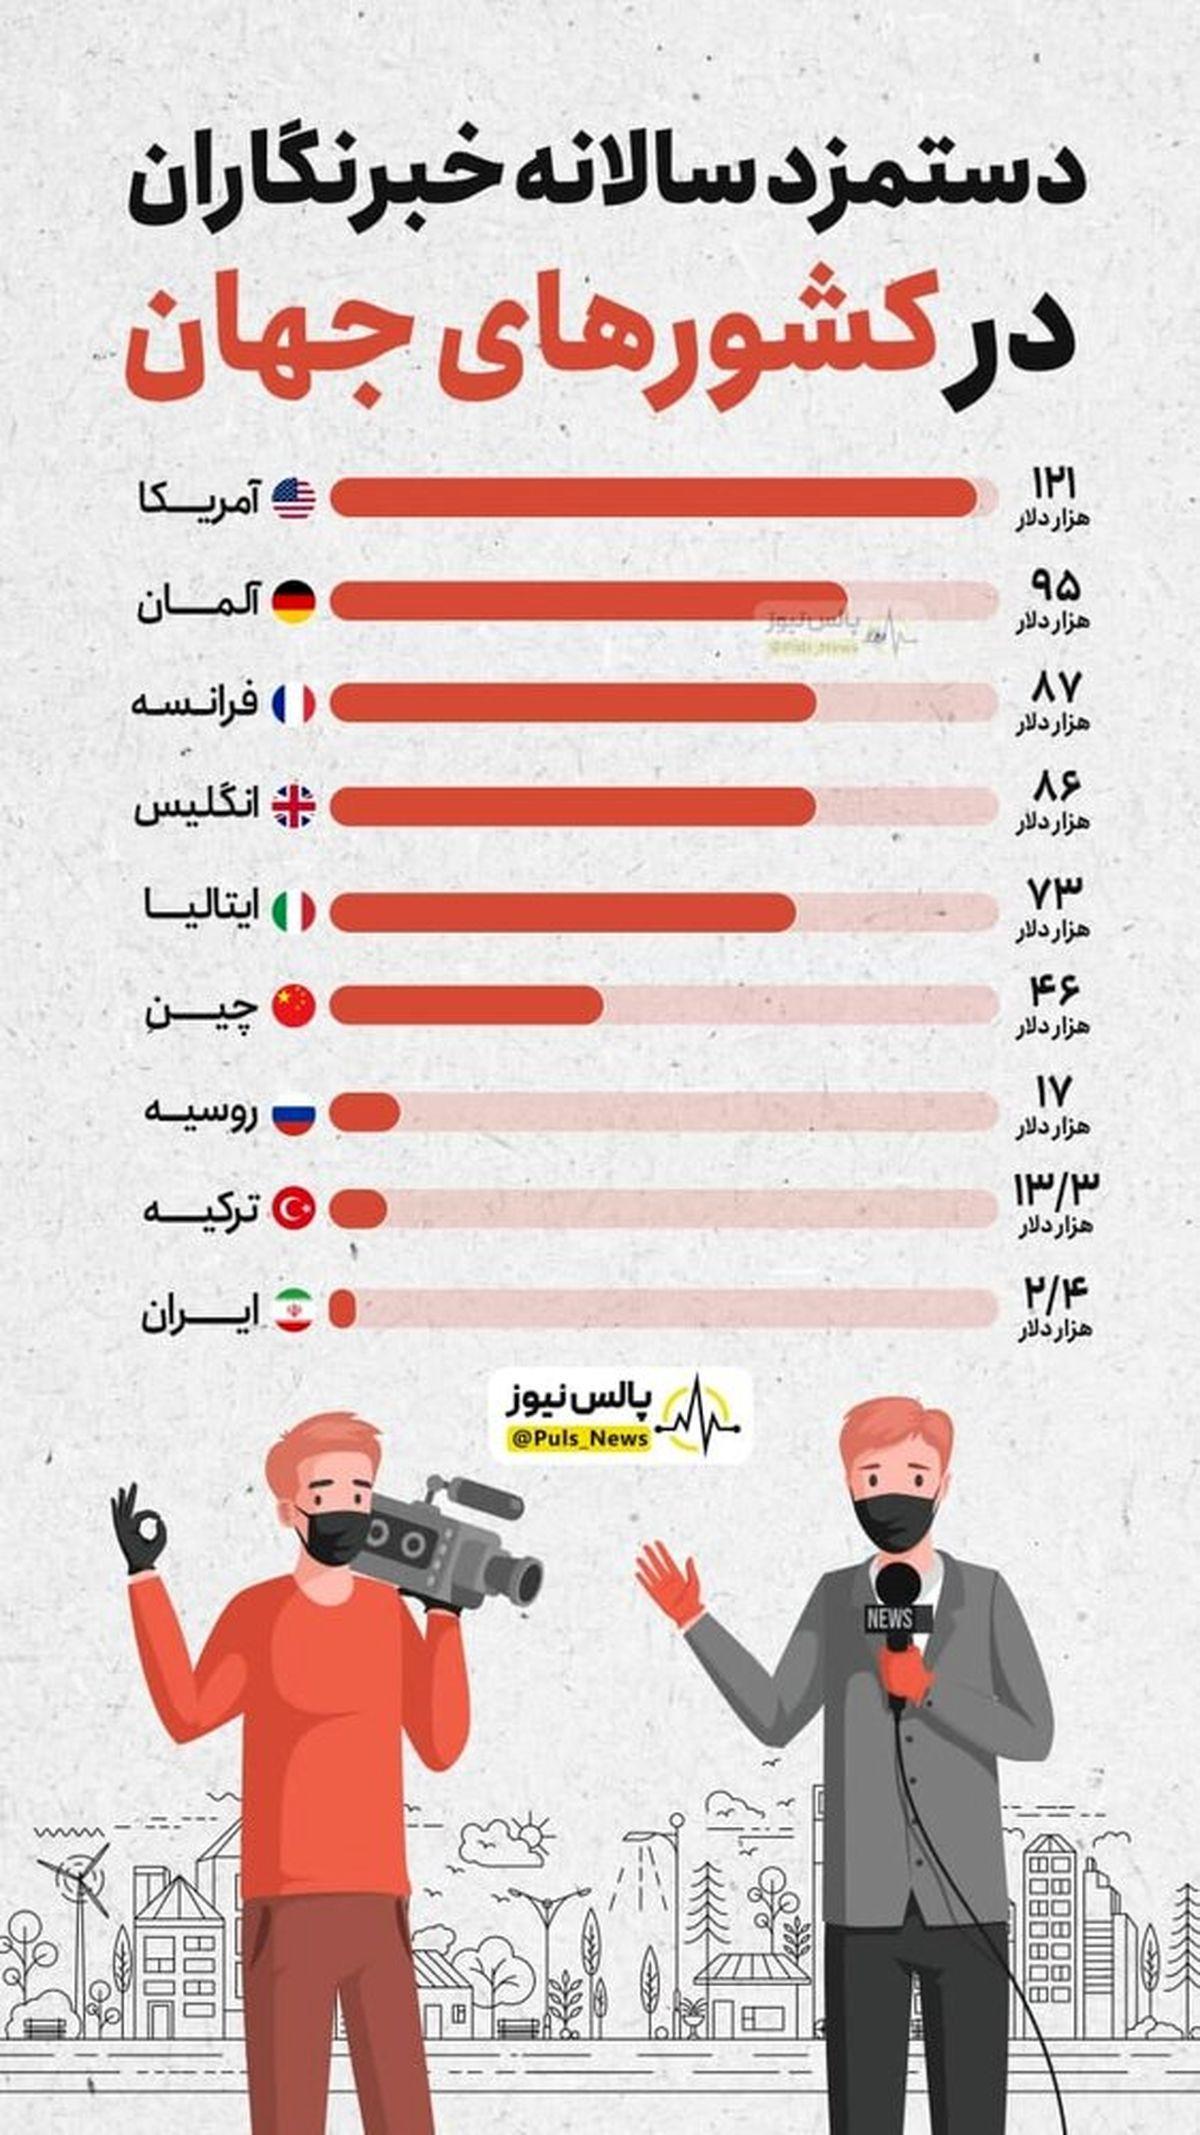 خبرنگاران کشورهای جهان چقدر حقوق می گیرند